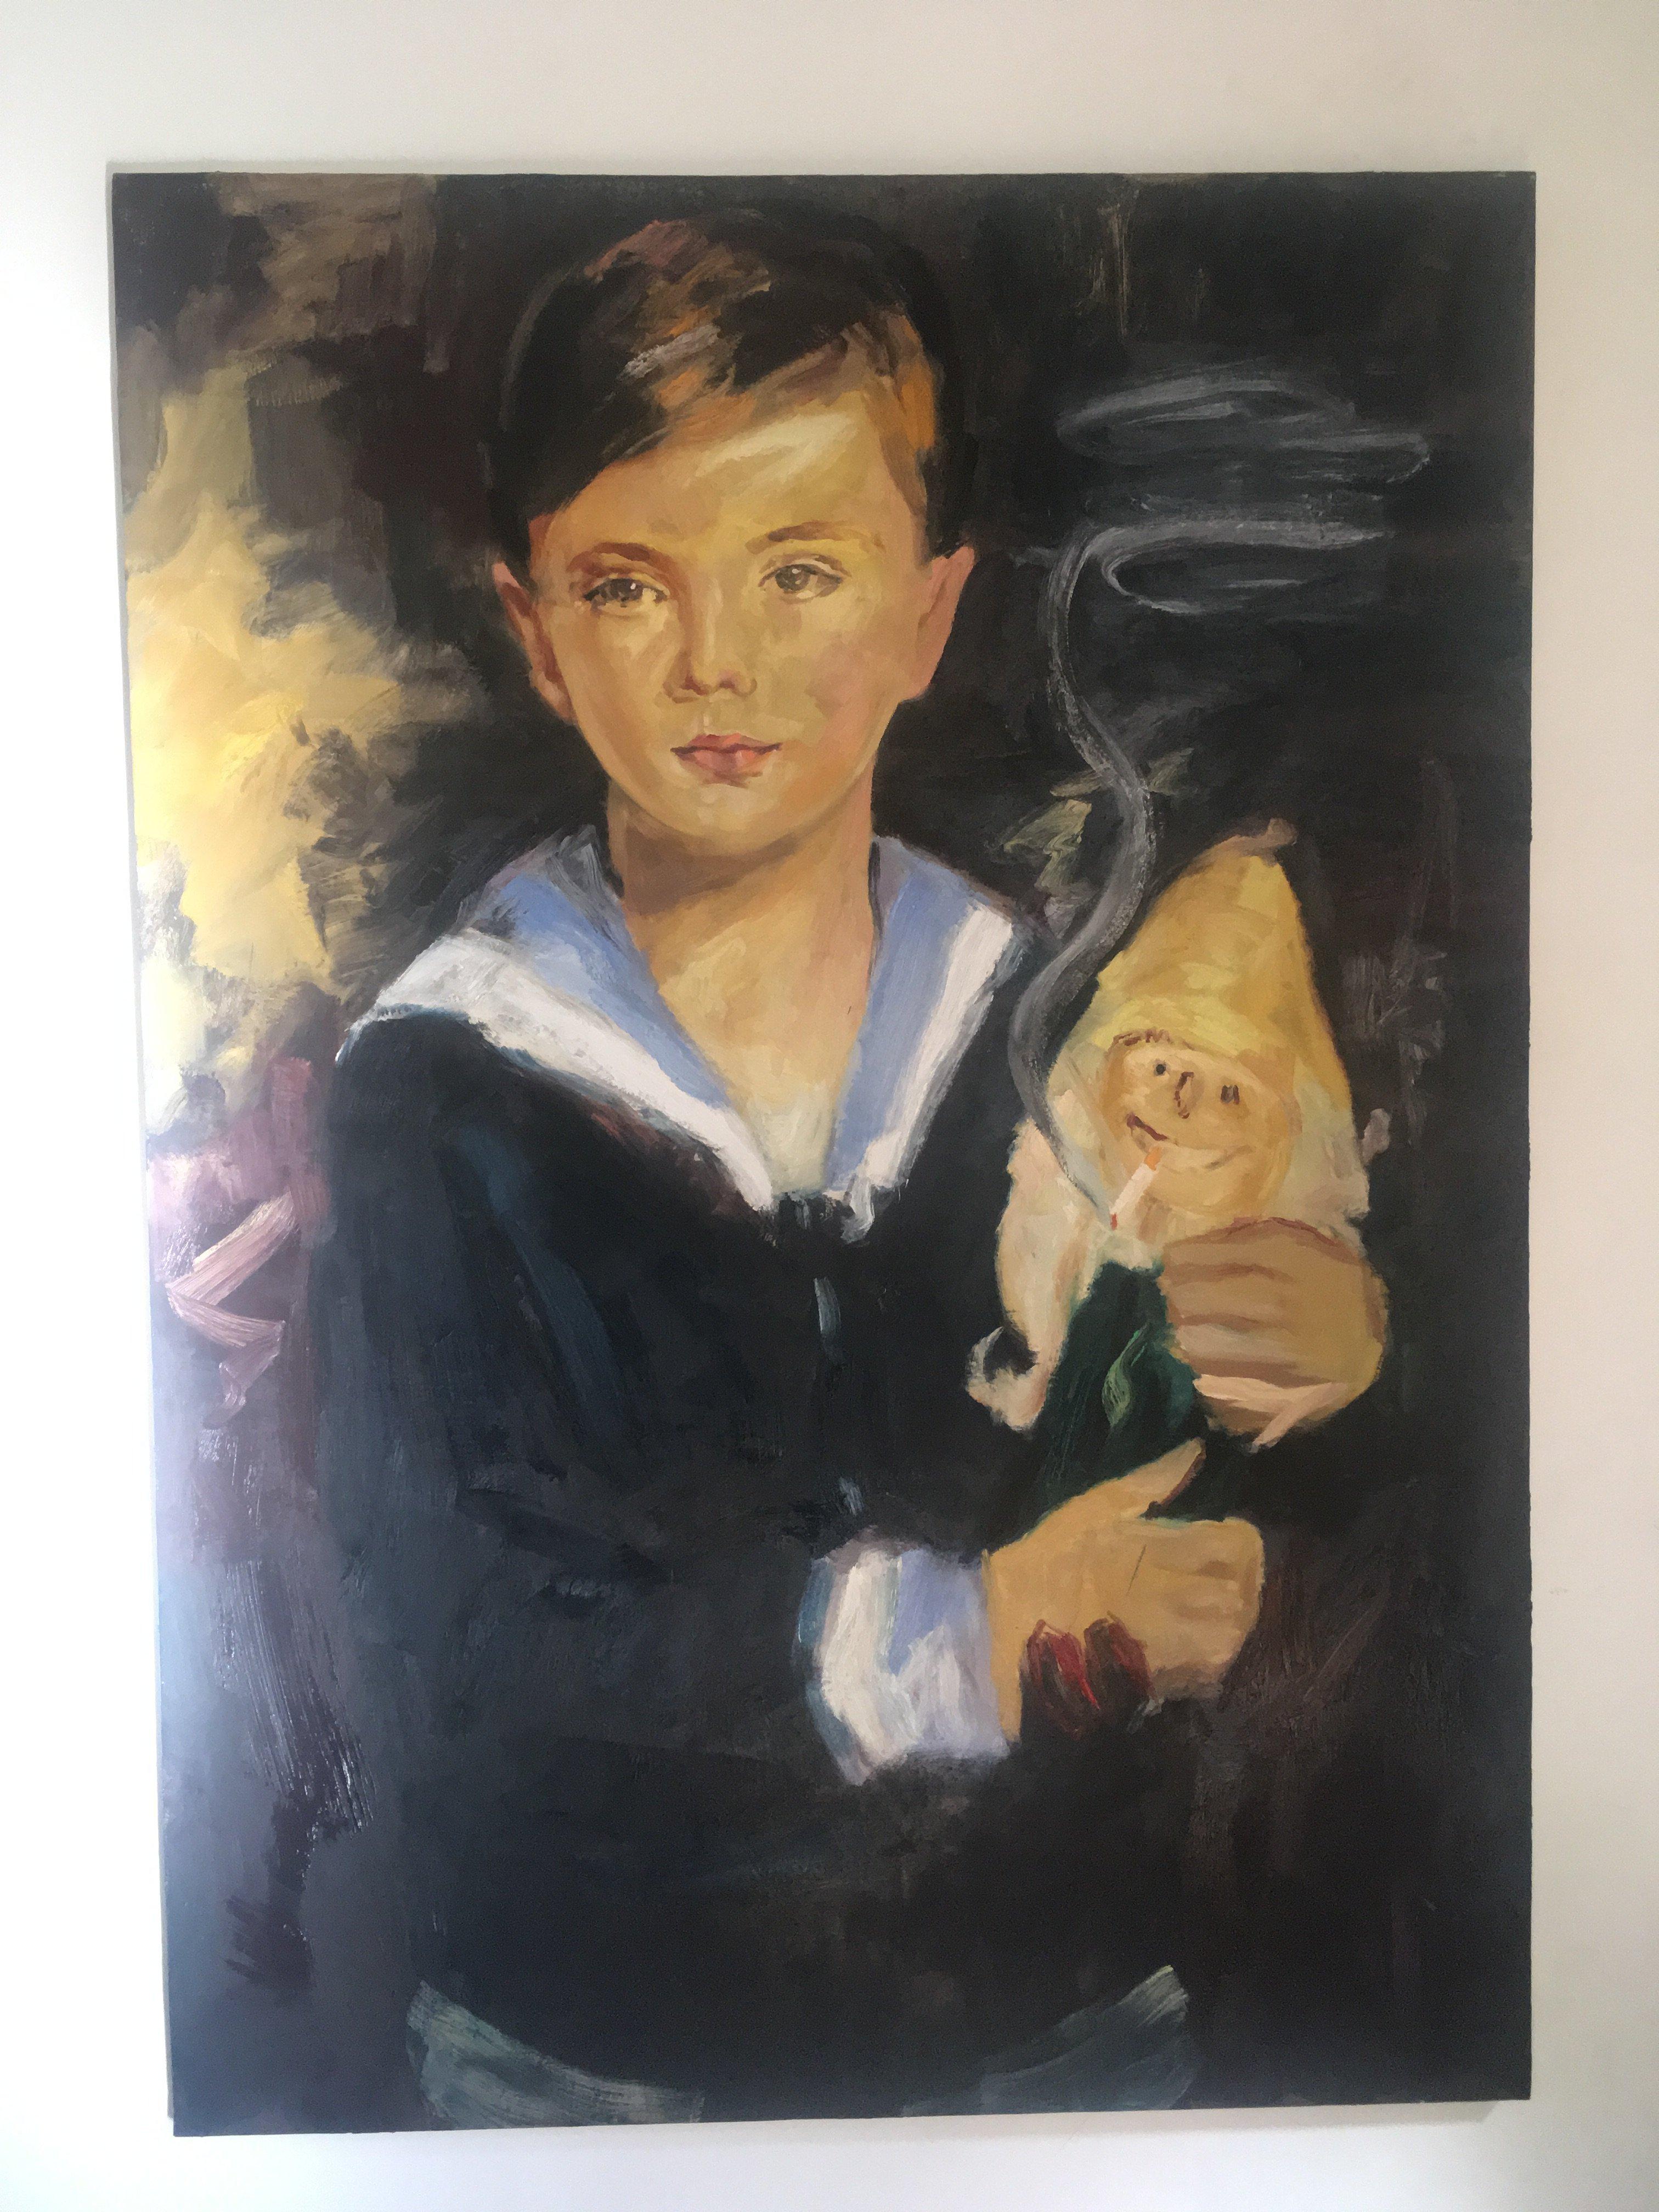 Adieu Les Petits Clopeurs! Gilles Miquelis, Portrait.